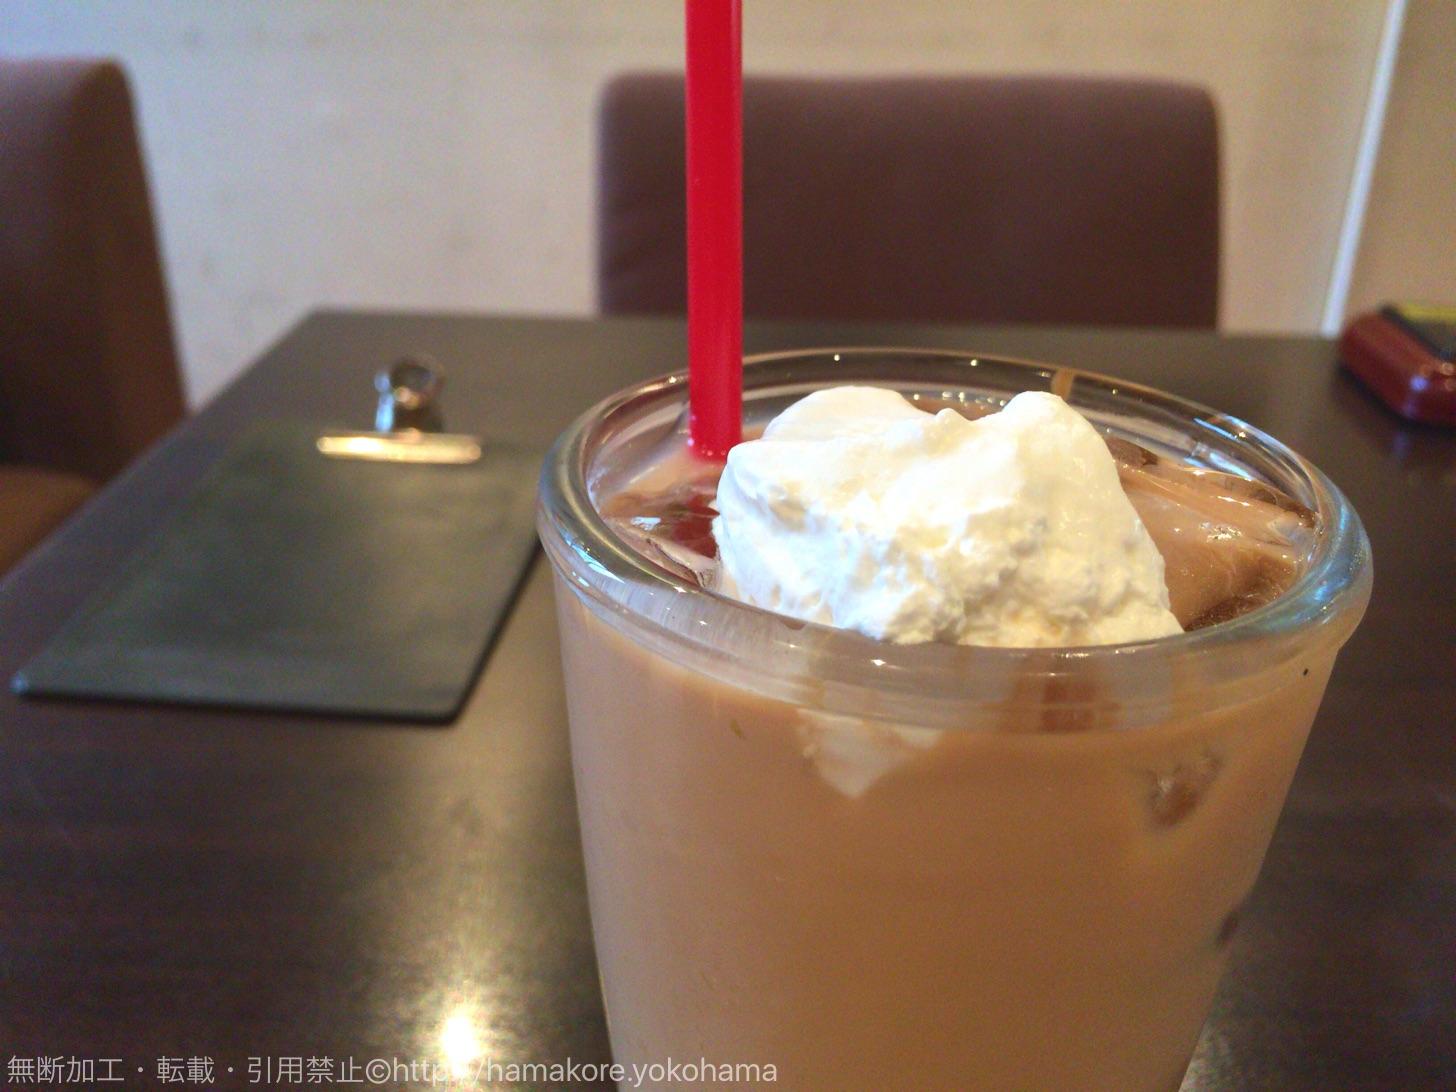 瓦カフェ 横浜店の感想